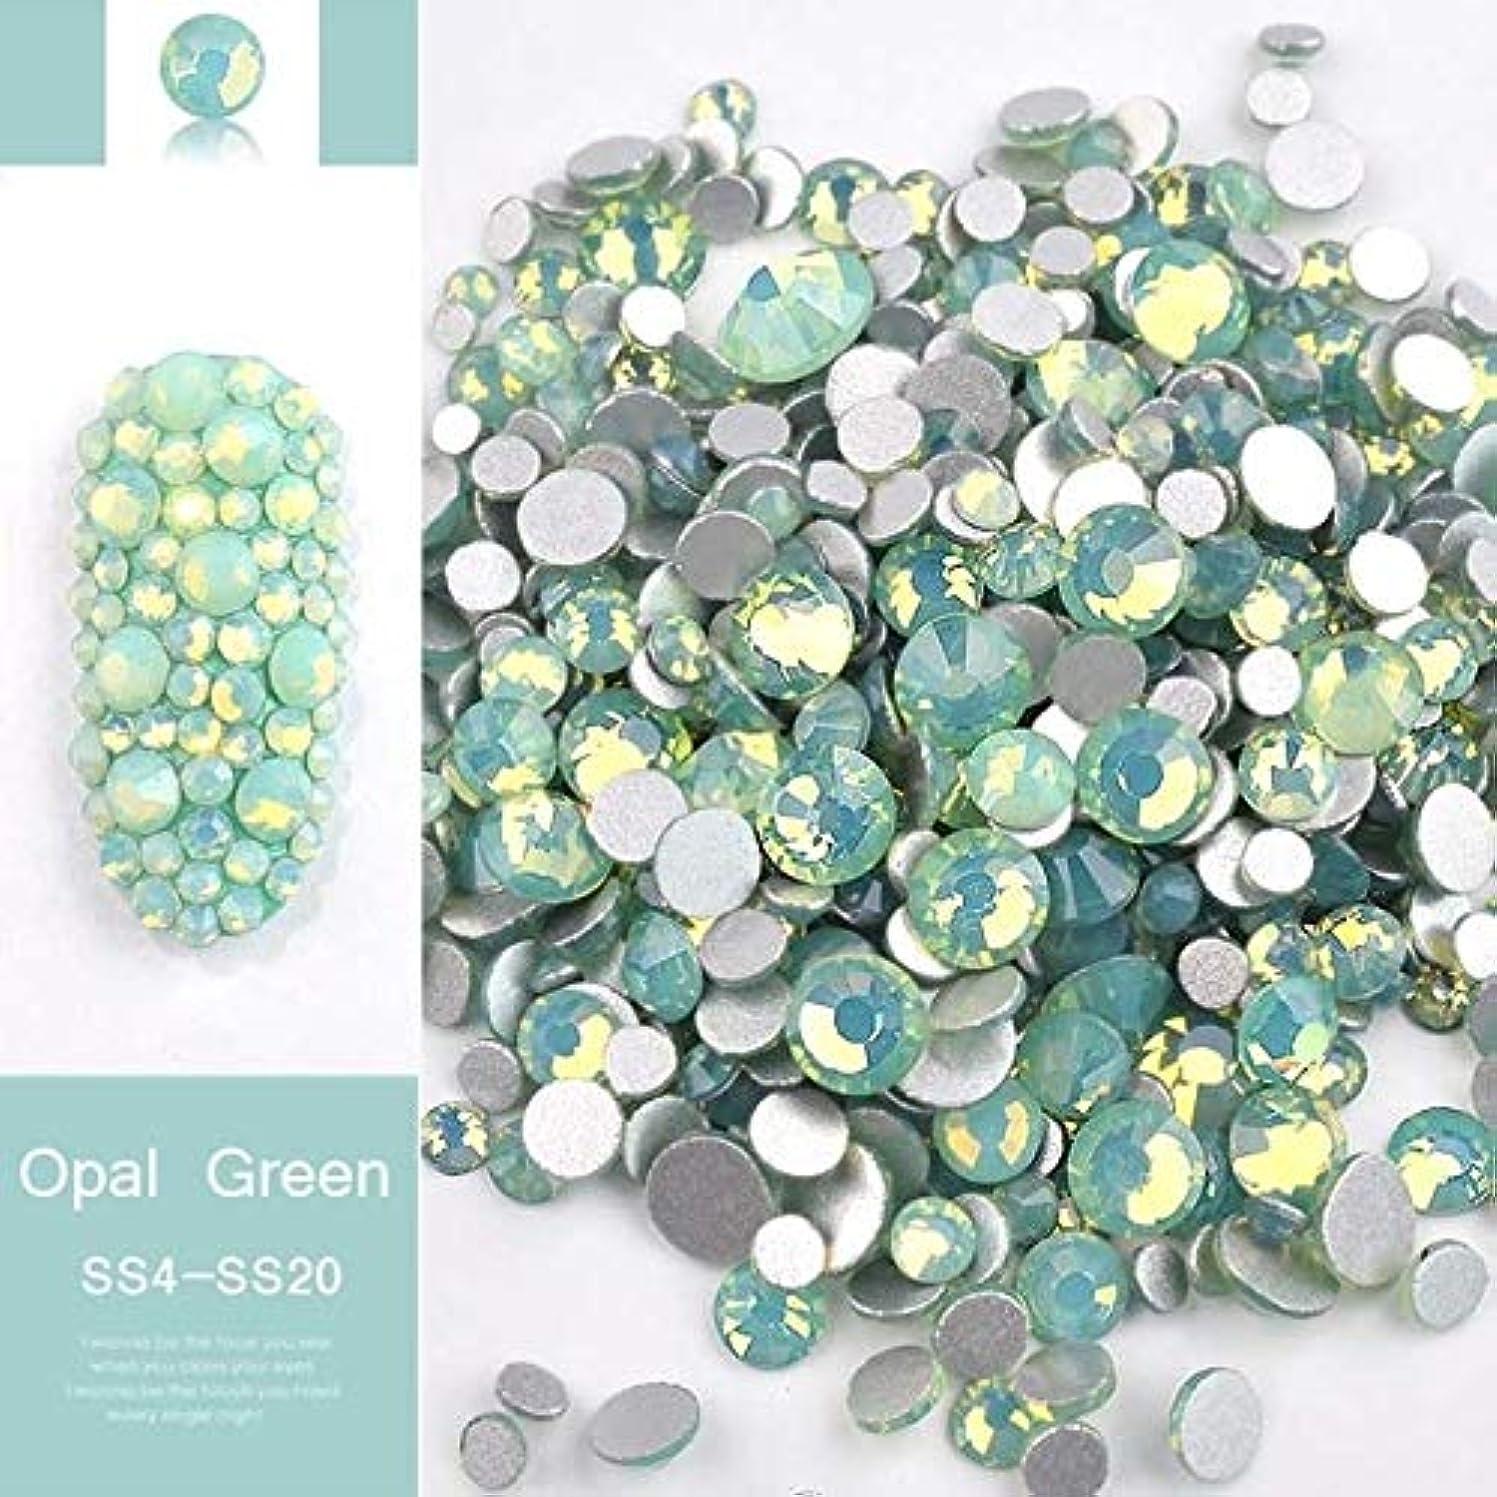 ずるい主にオーブンYan 1パックミックスサイズ(SS4-SS20)クリスタルカラフルなオパールネイルアートラインストーンの装飾キラキラの宝石3Dマニキュアアクセサリーツール(ホワイト) (色 : Green)